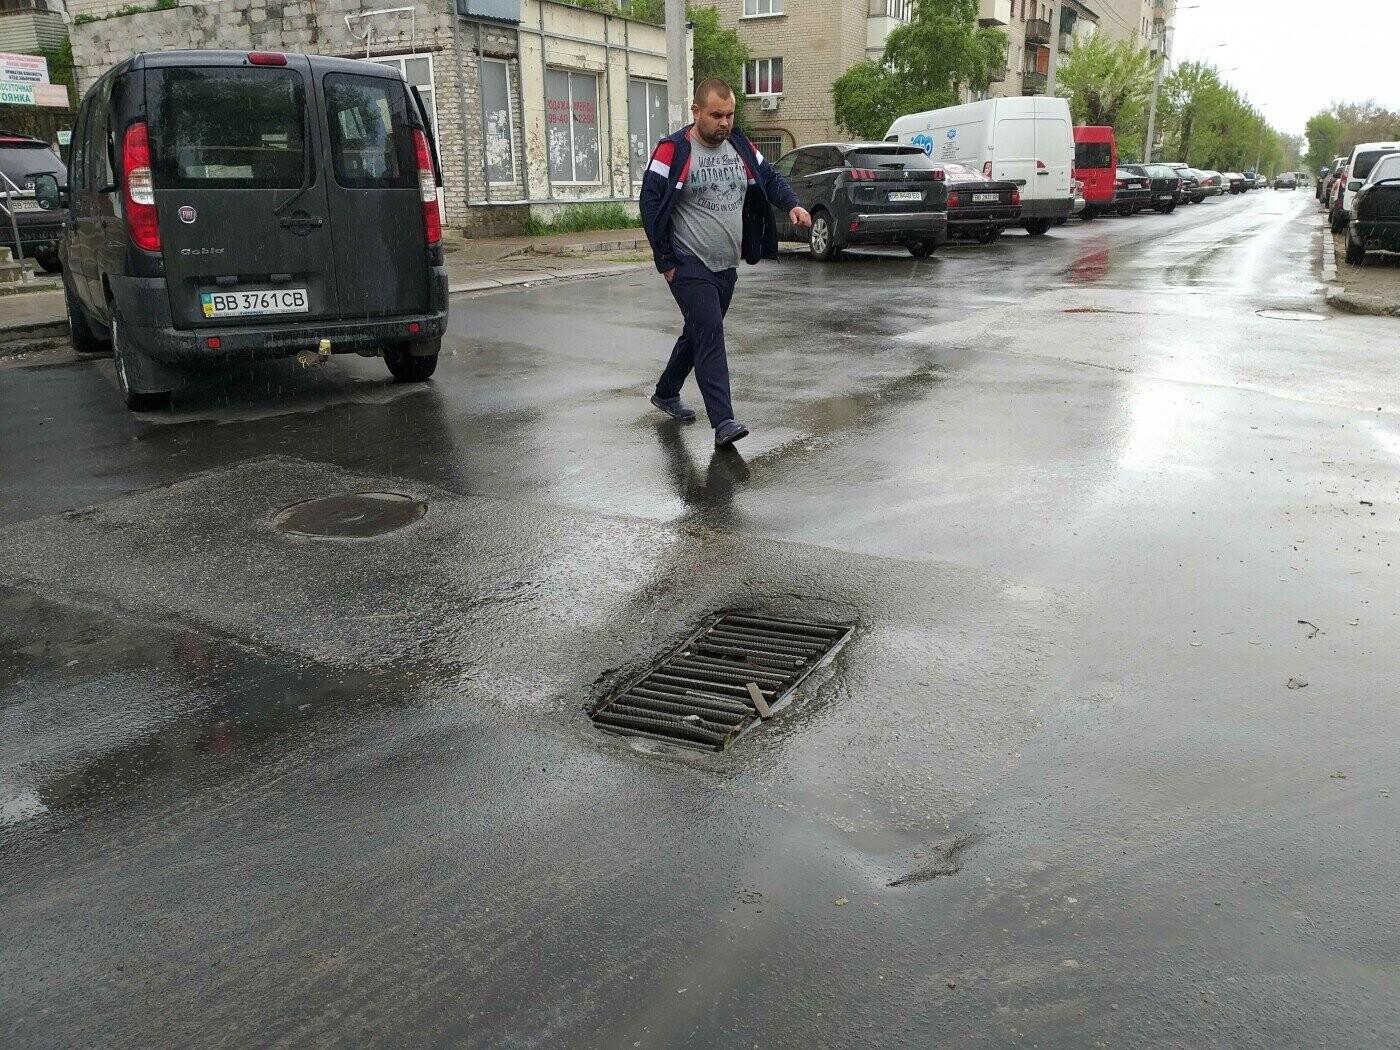 Северодончанам объяснили, почему в городе не продолжаются работы по укладке тротуарной плитки, фото-1